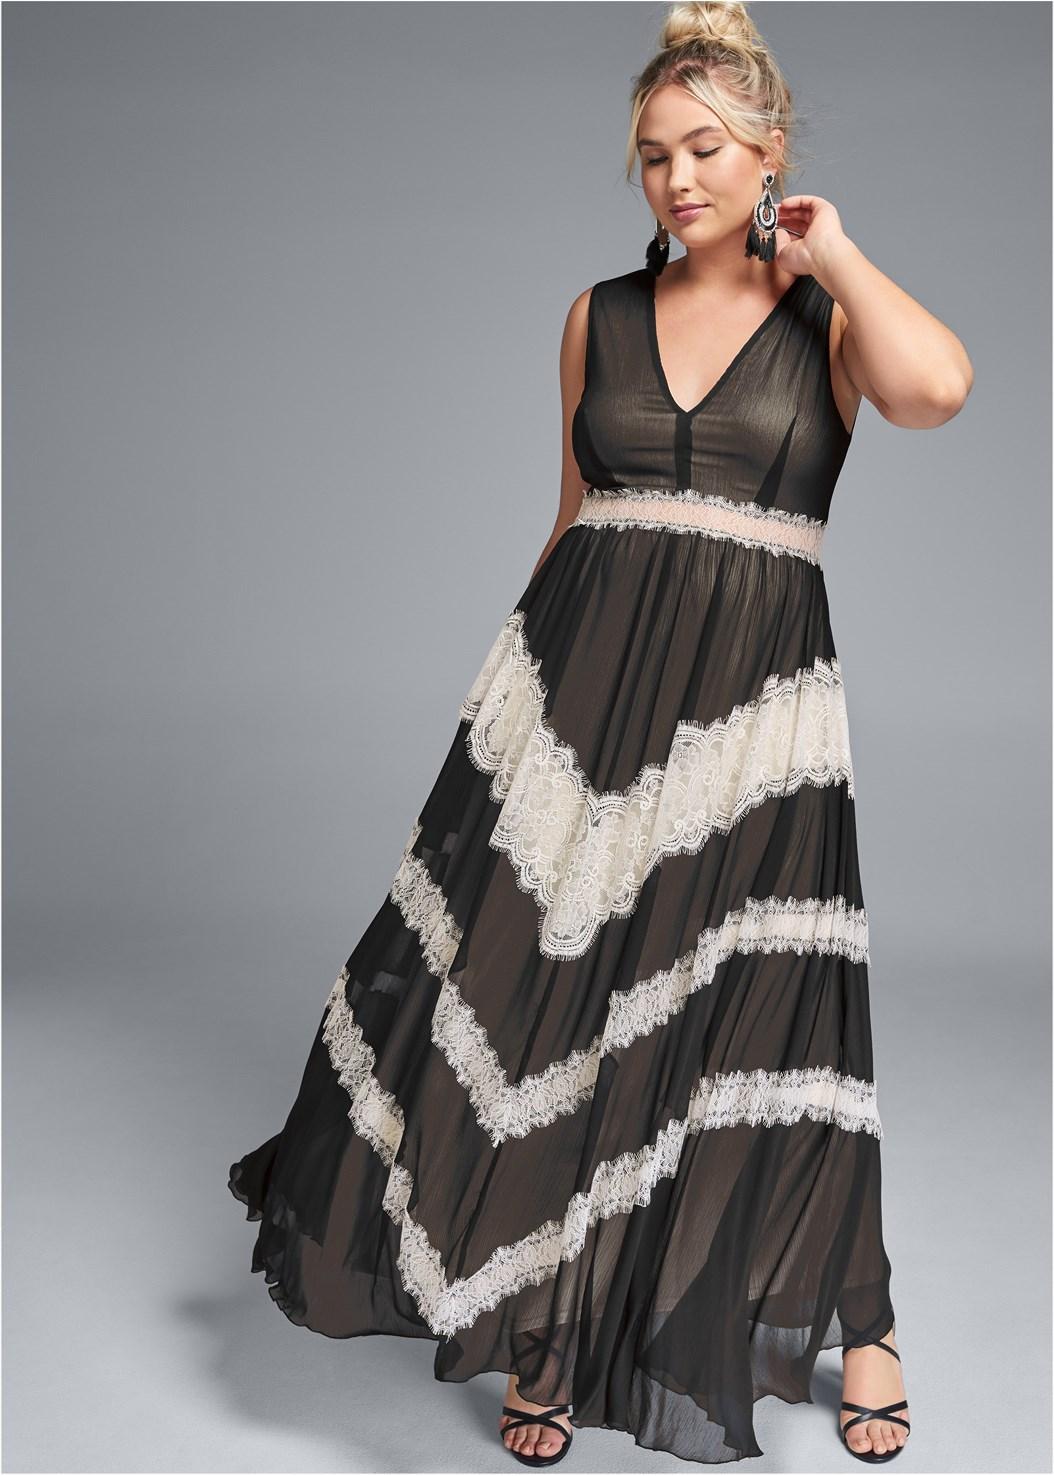 Lace Inset V-Neck Dress,Strappy Heels